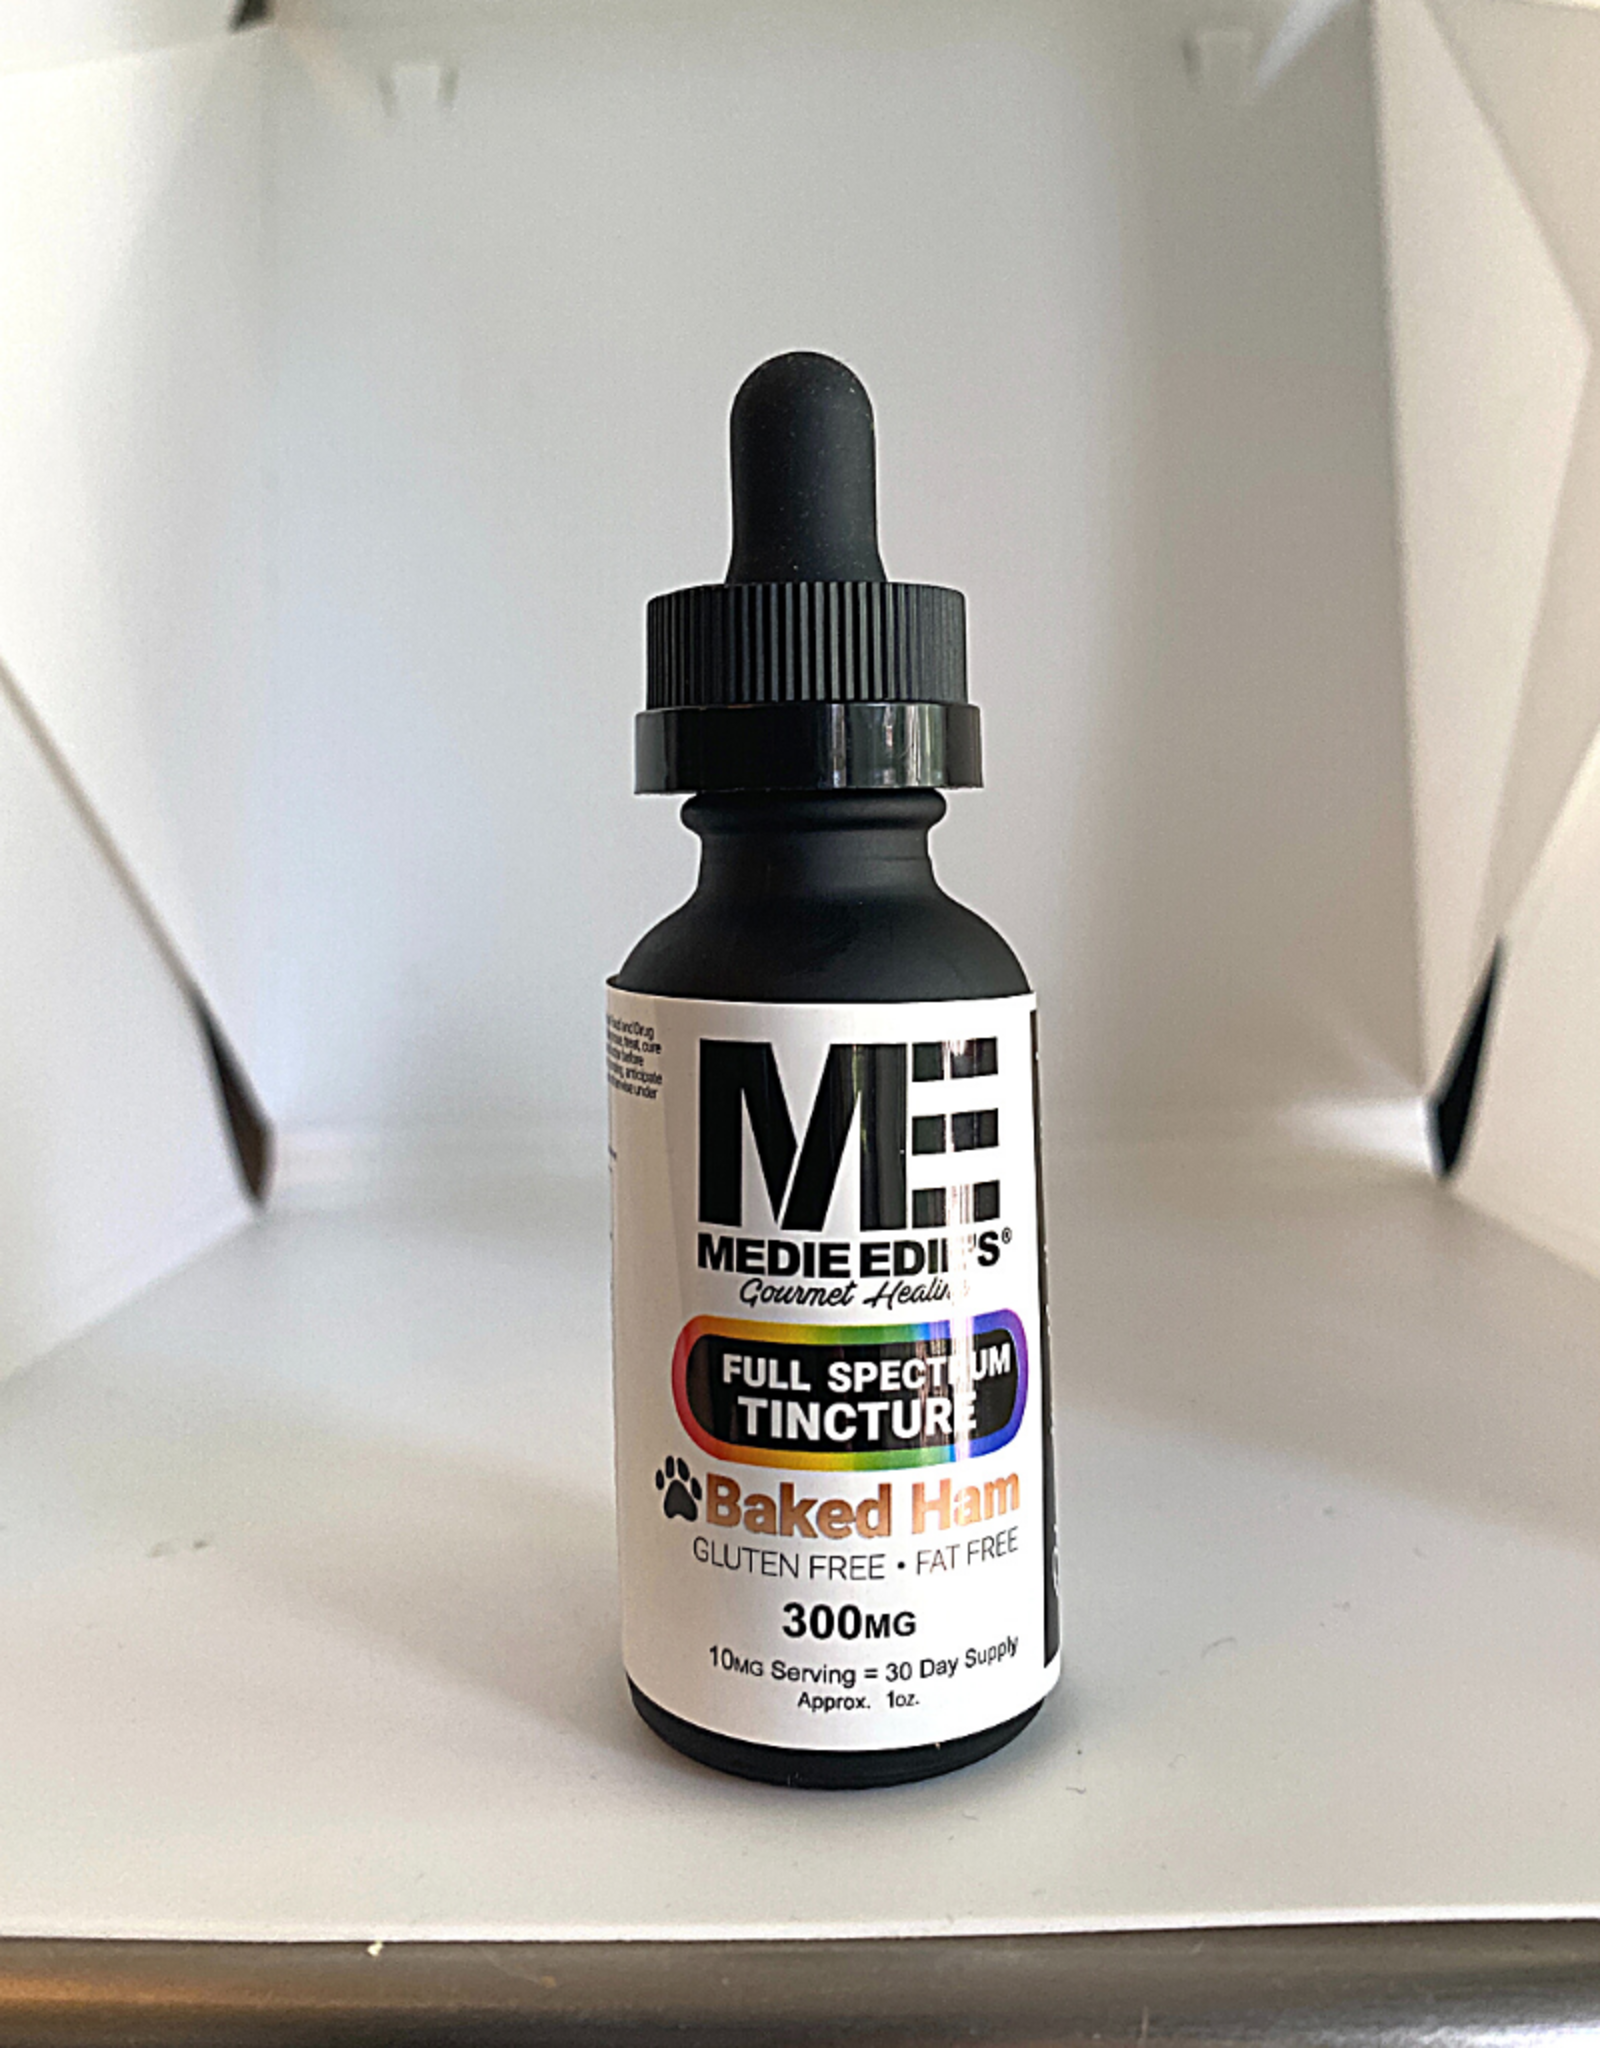 Medie Edie's Medie Edie's 30ml Full Spectrum  Pet Tincture  Baked Ham - 10mg.300mg